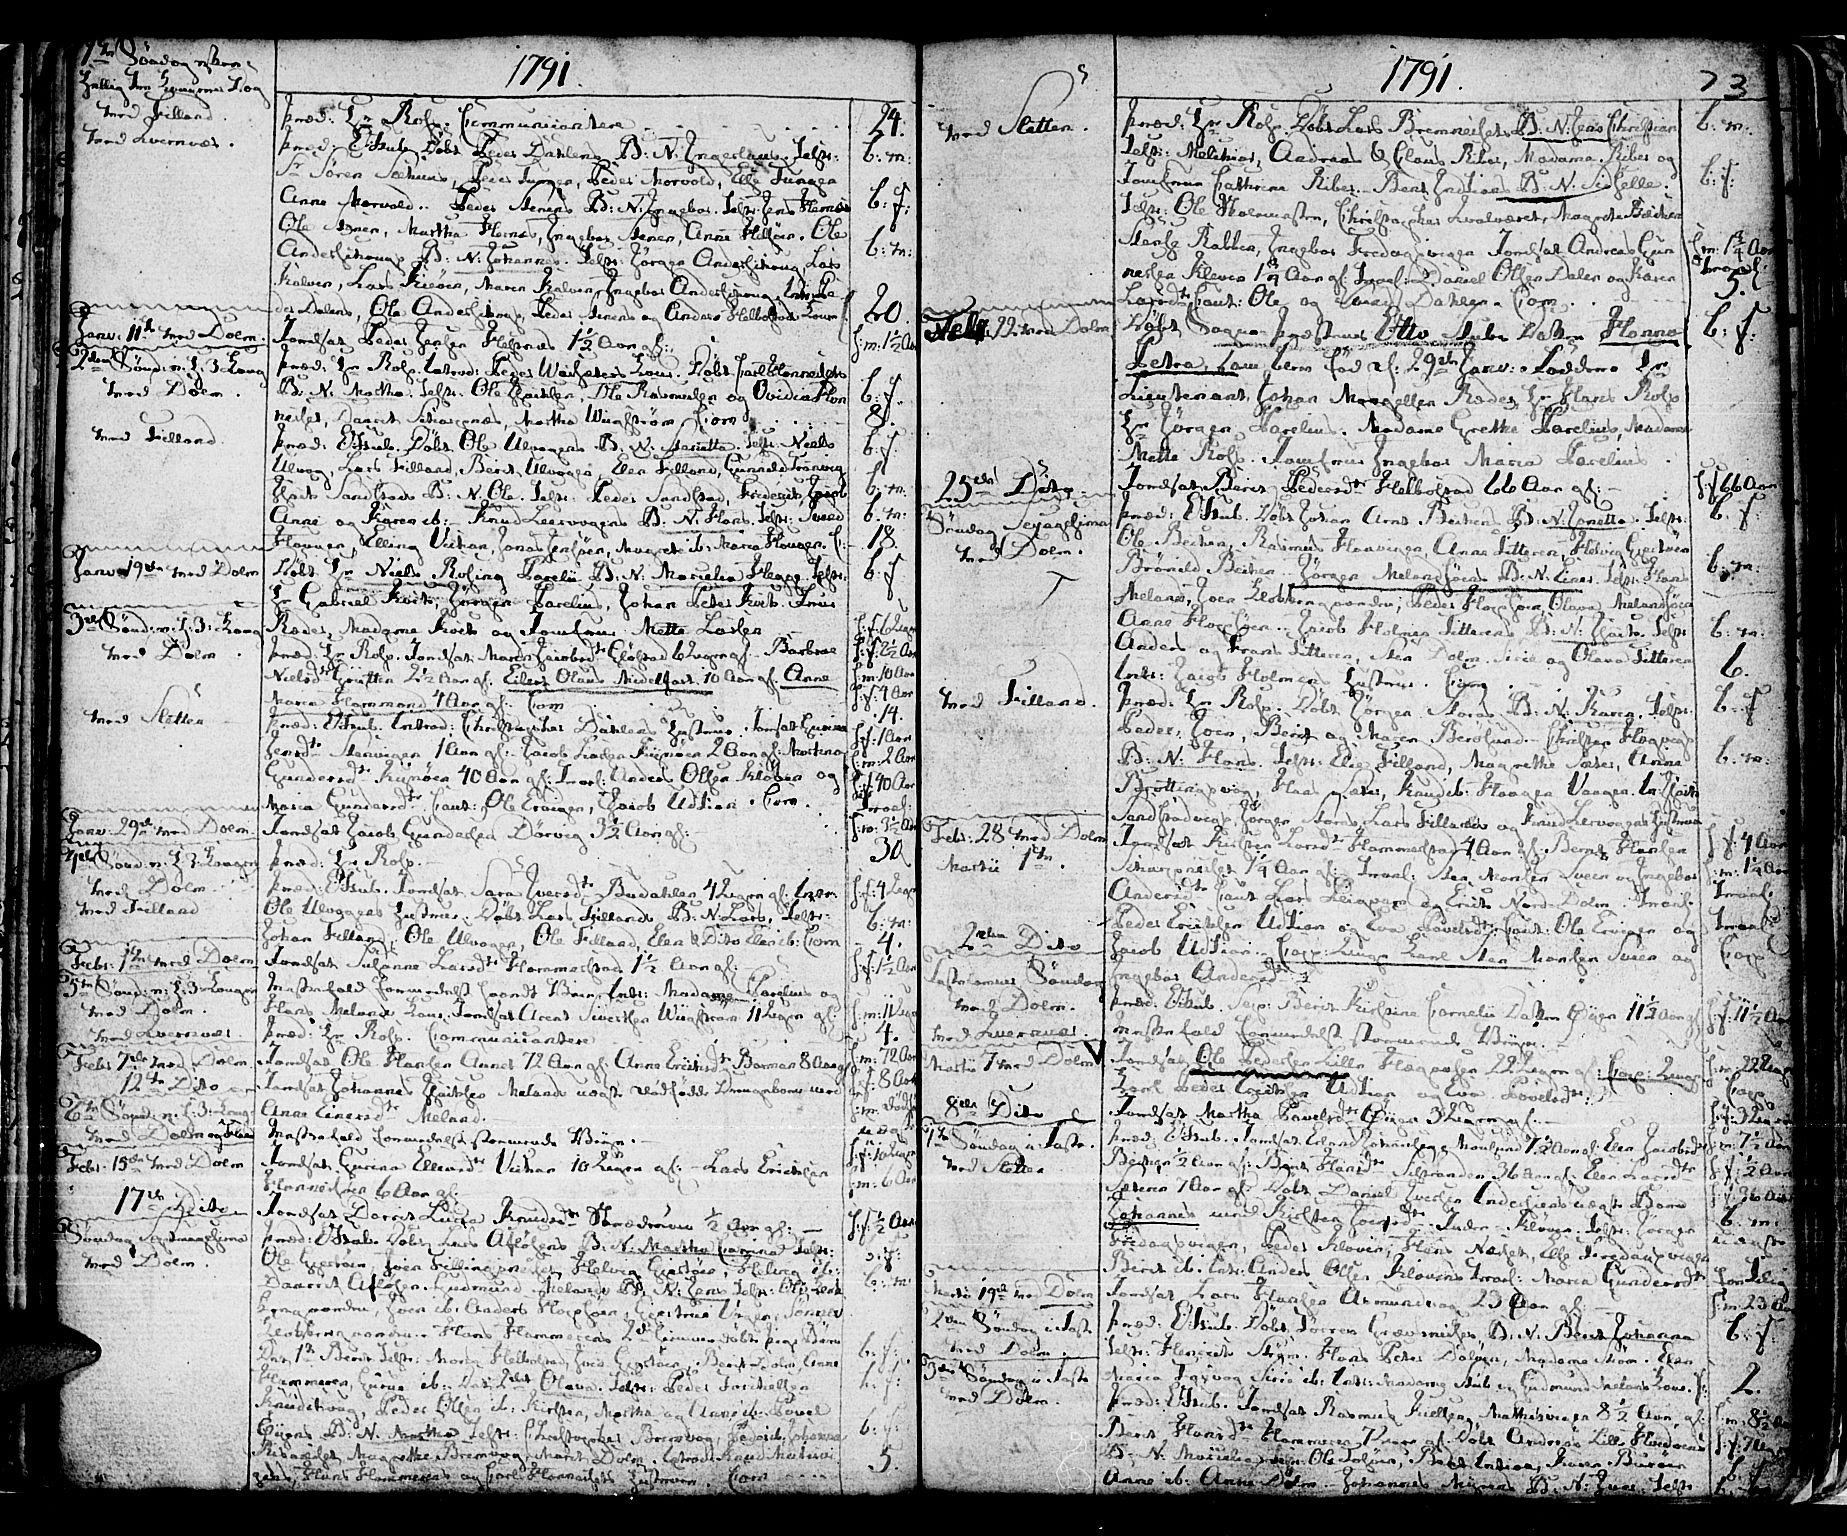 SAT, Ministerialprotokoller, klokkerbøker og fødselsregistre - Sør-Trøndelag, 634/L0526: Ministerialbok nr. 634A02, 1775-1818, s. 73